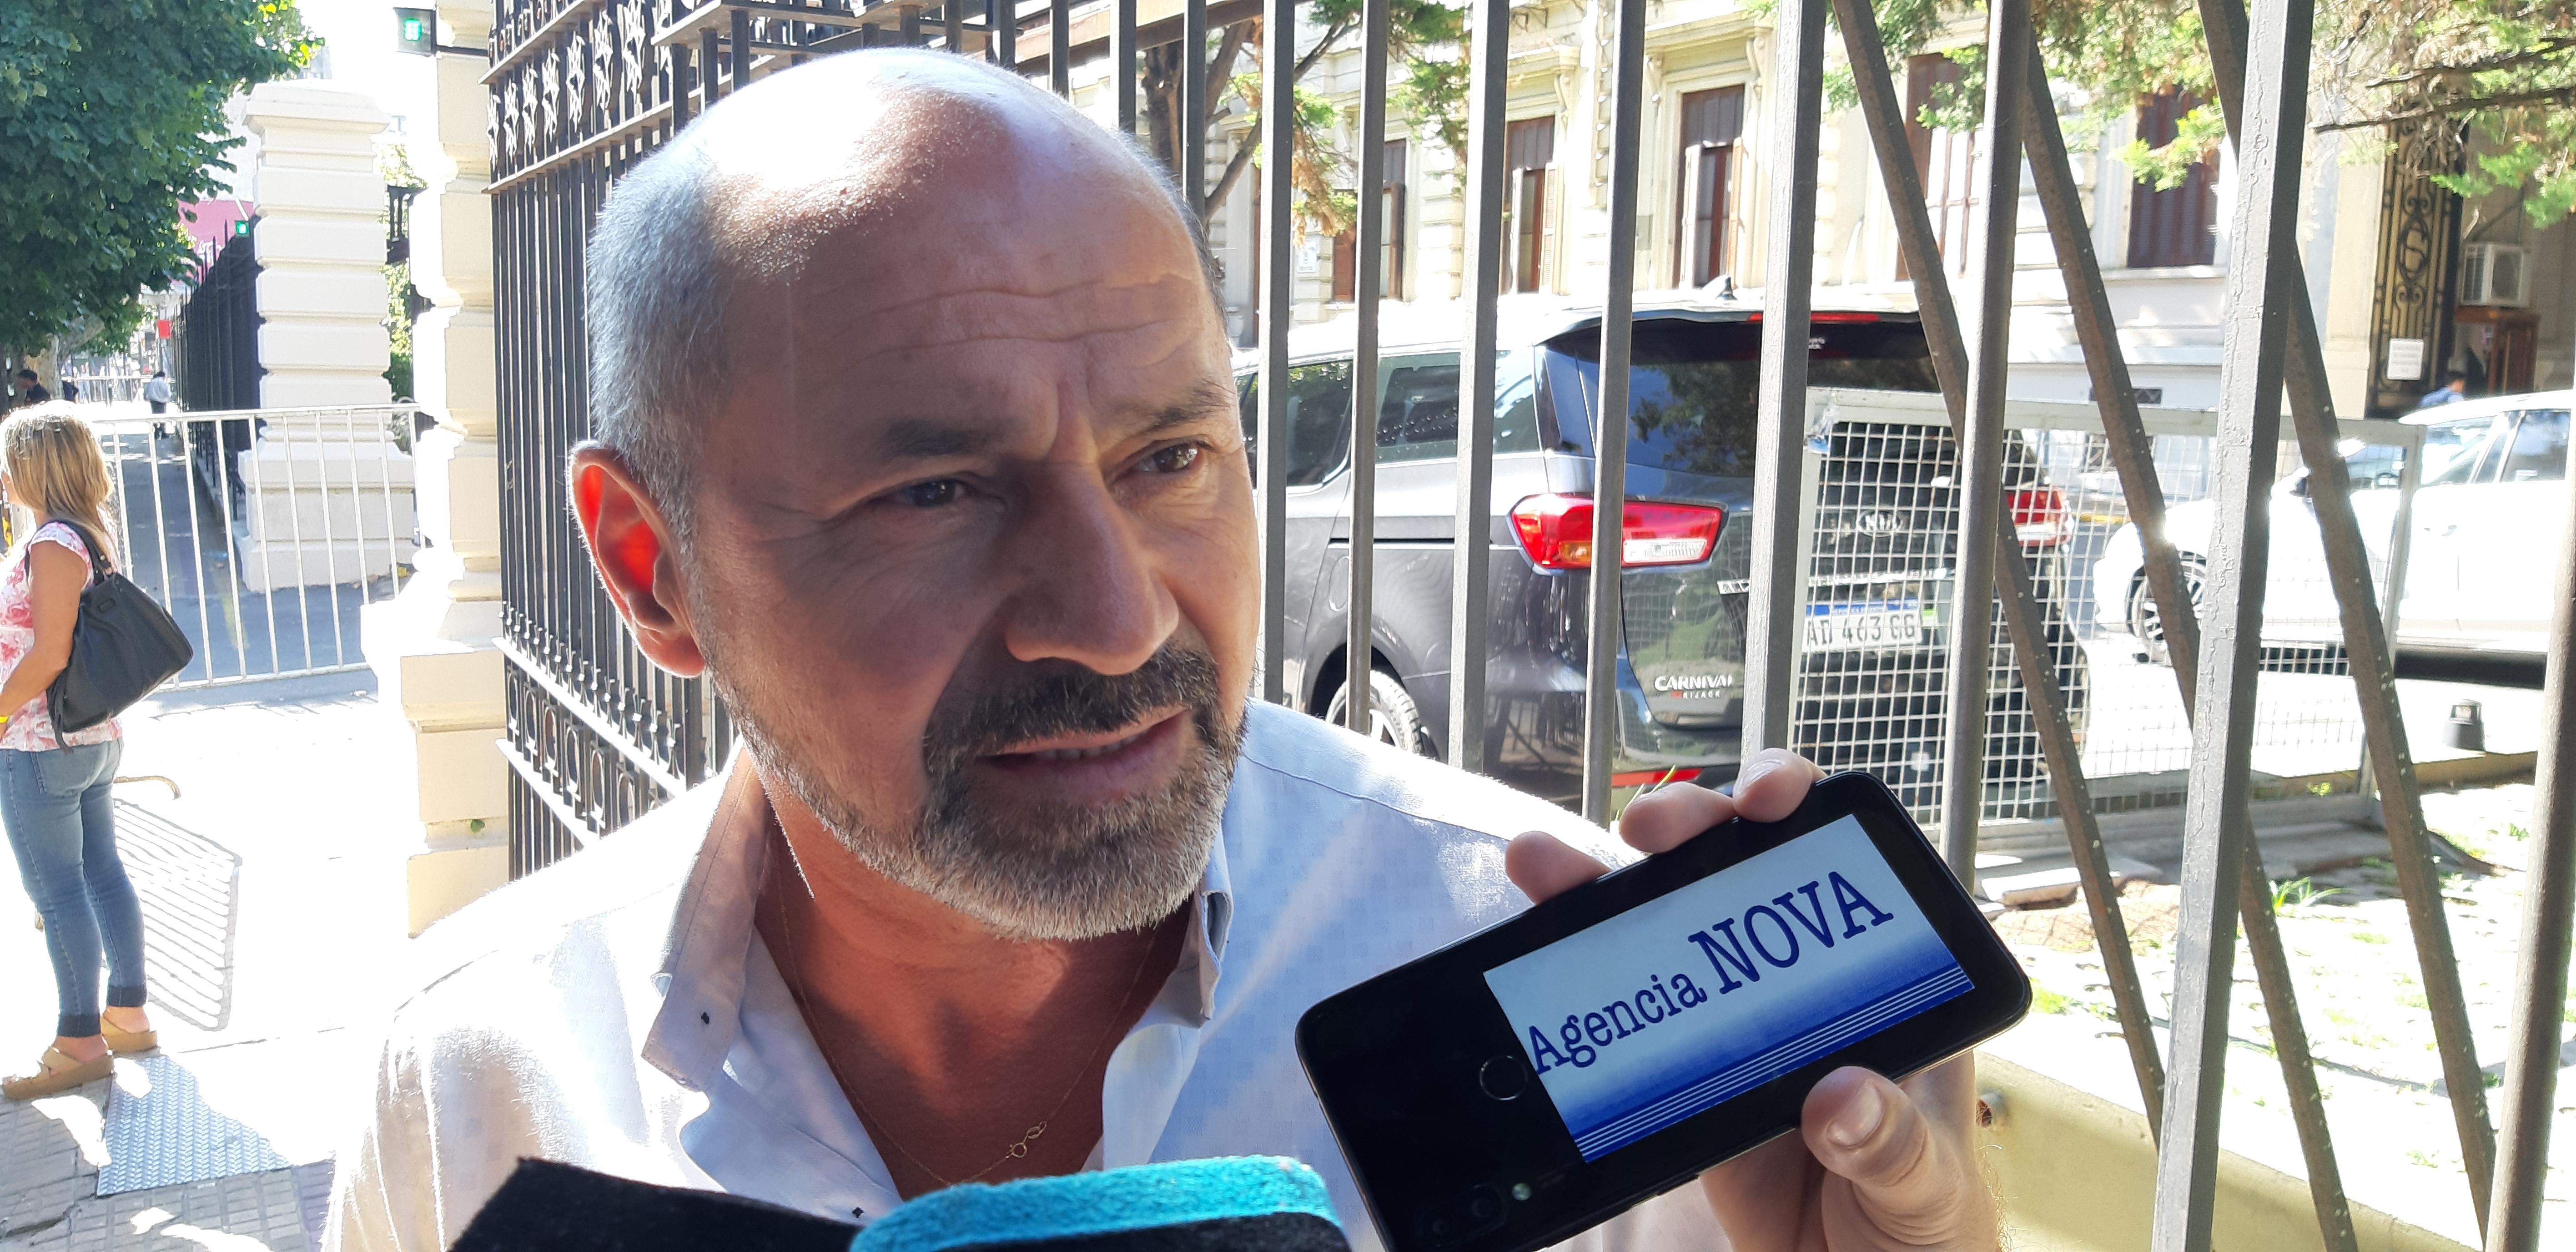 La Municipalidad de Ensenada informa que no hay casos sospechosos ni confirmados de coronavirus en el distrito